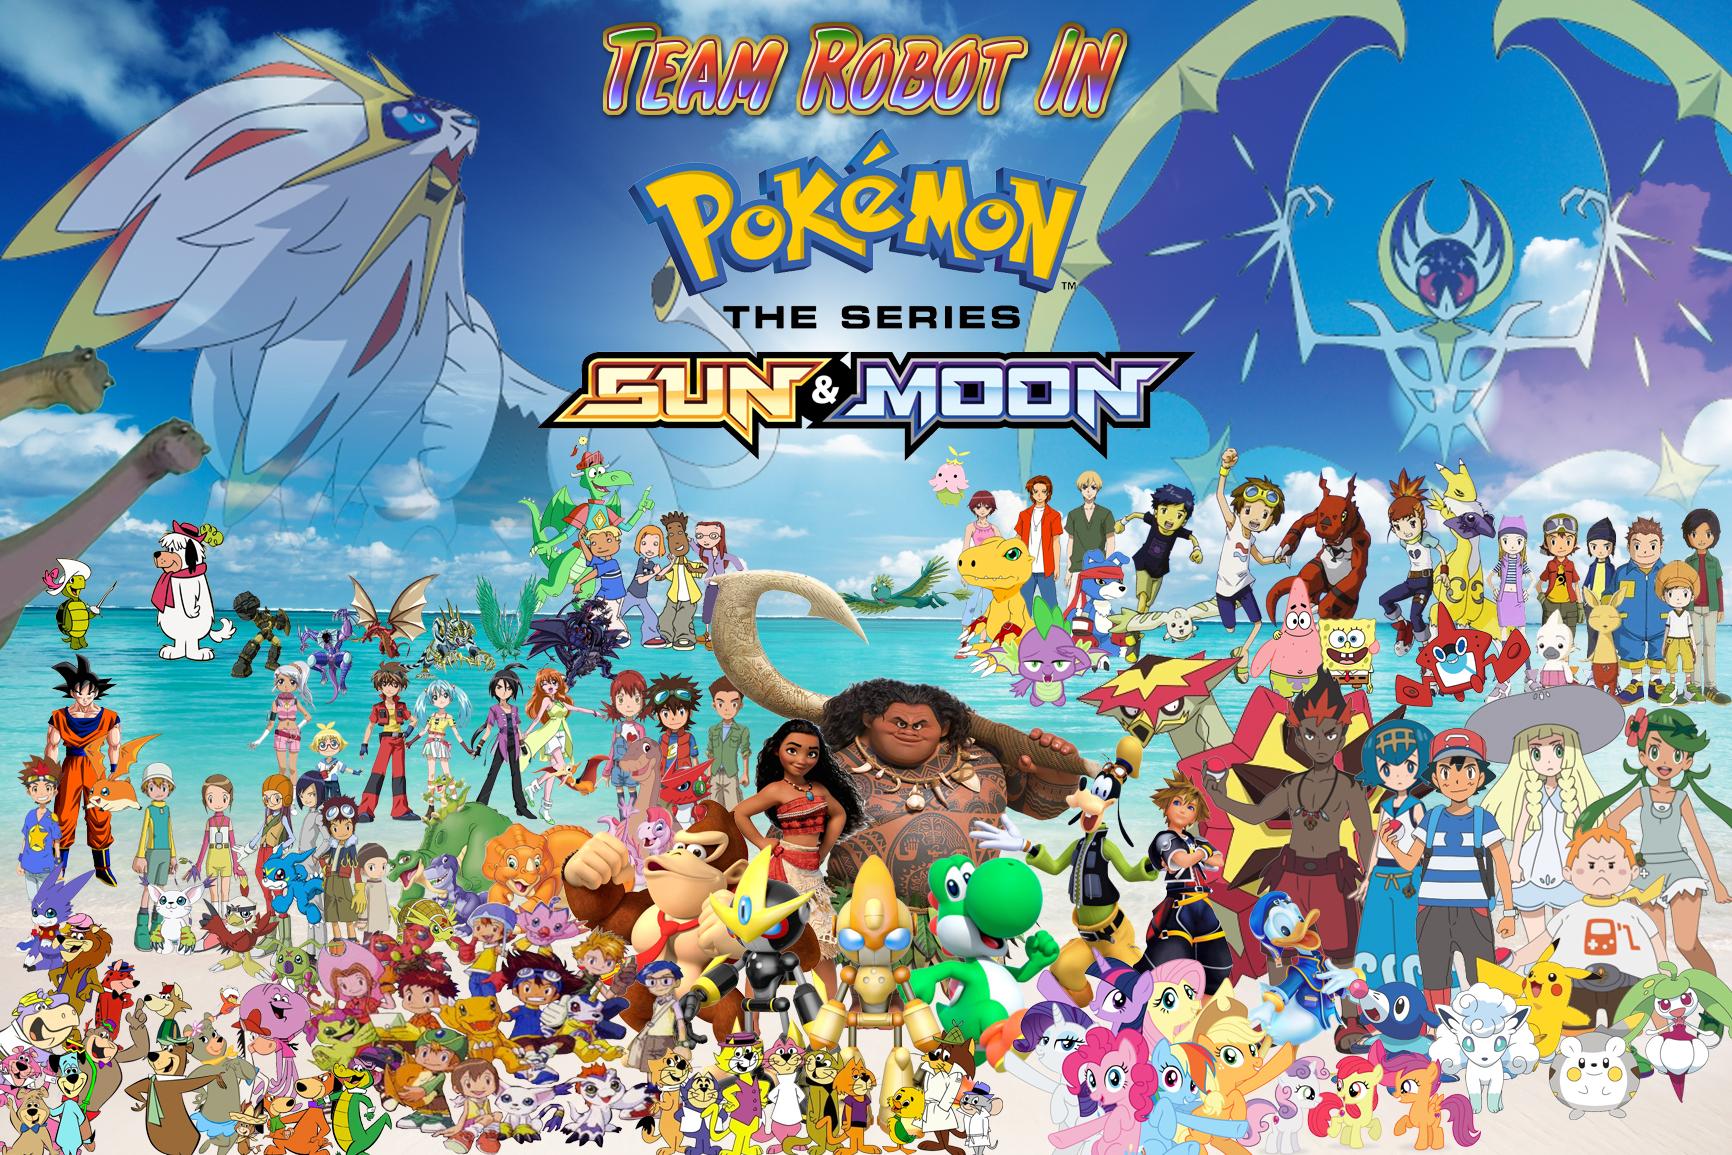 Team Robot In Pokemon Sun Moon The Series Pooh S Adventures Wiki Fandom